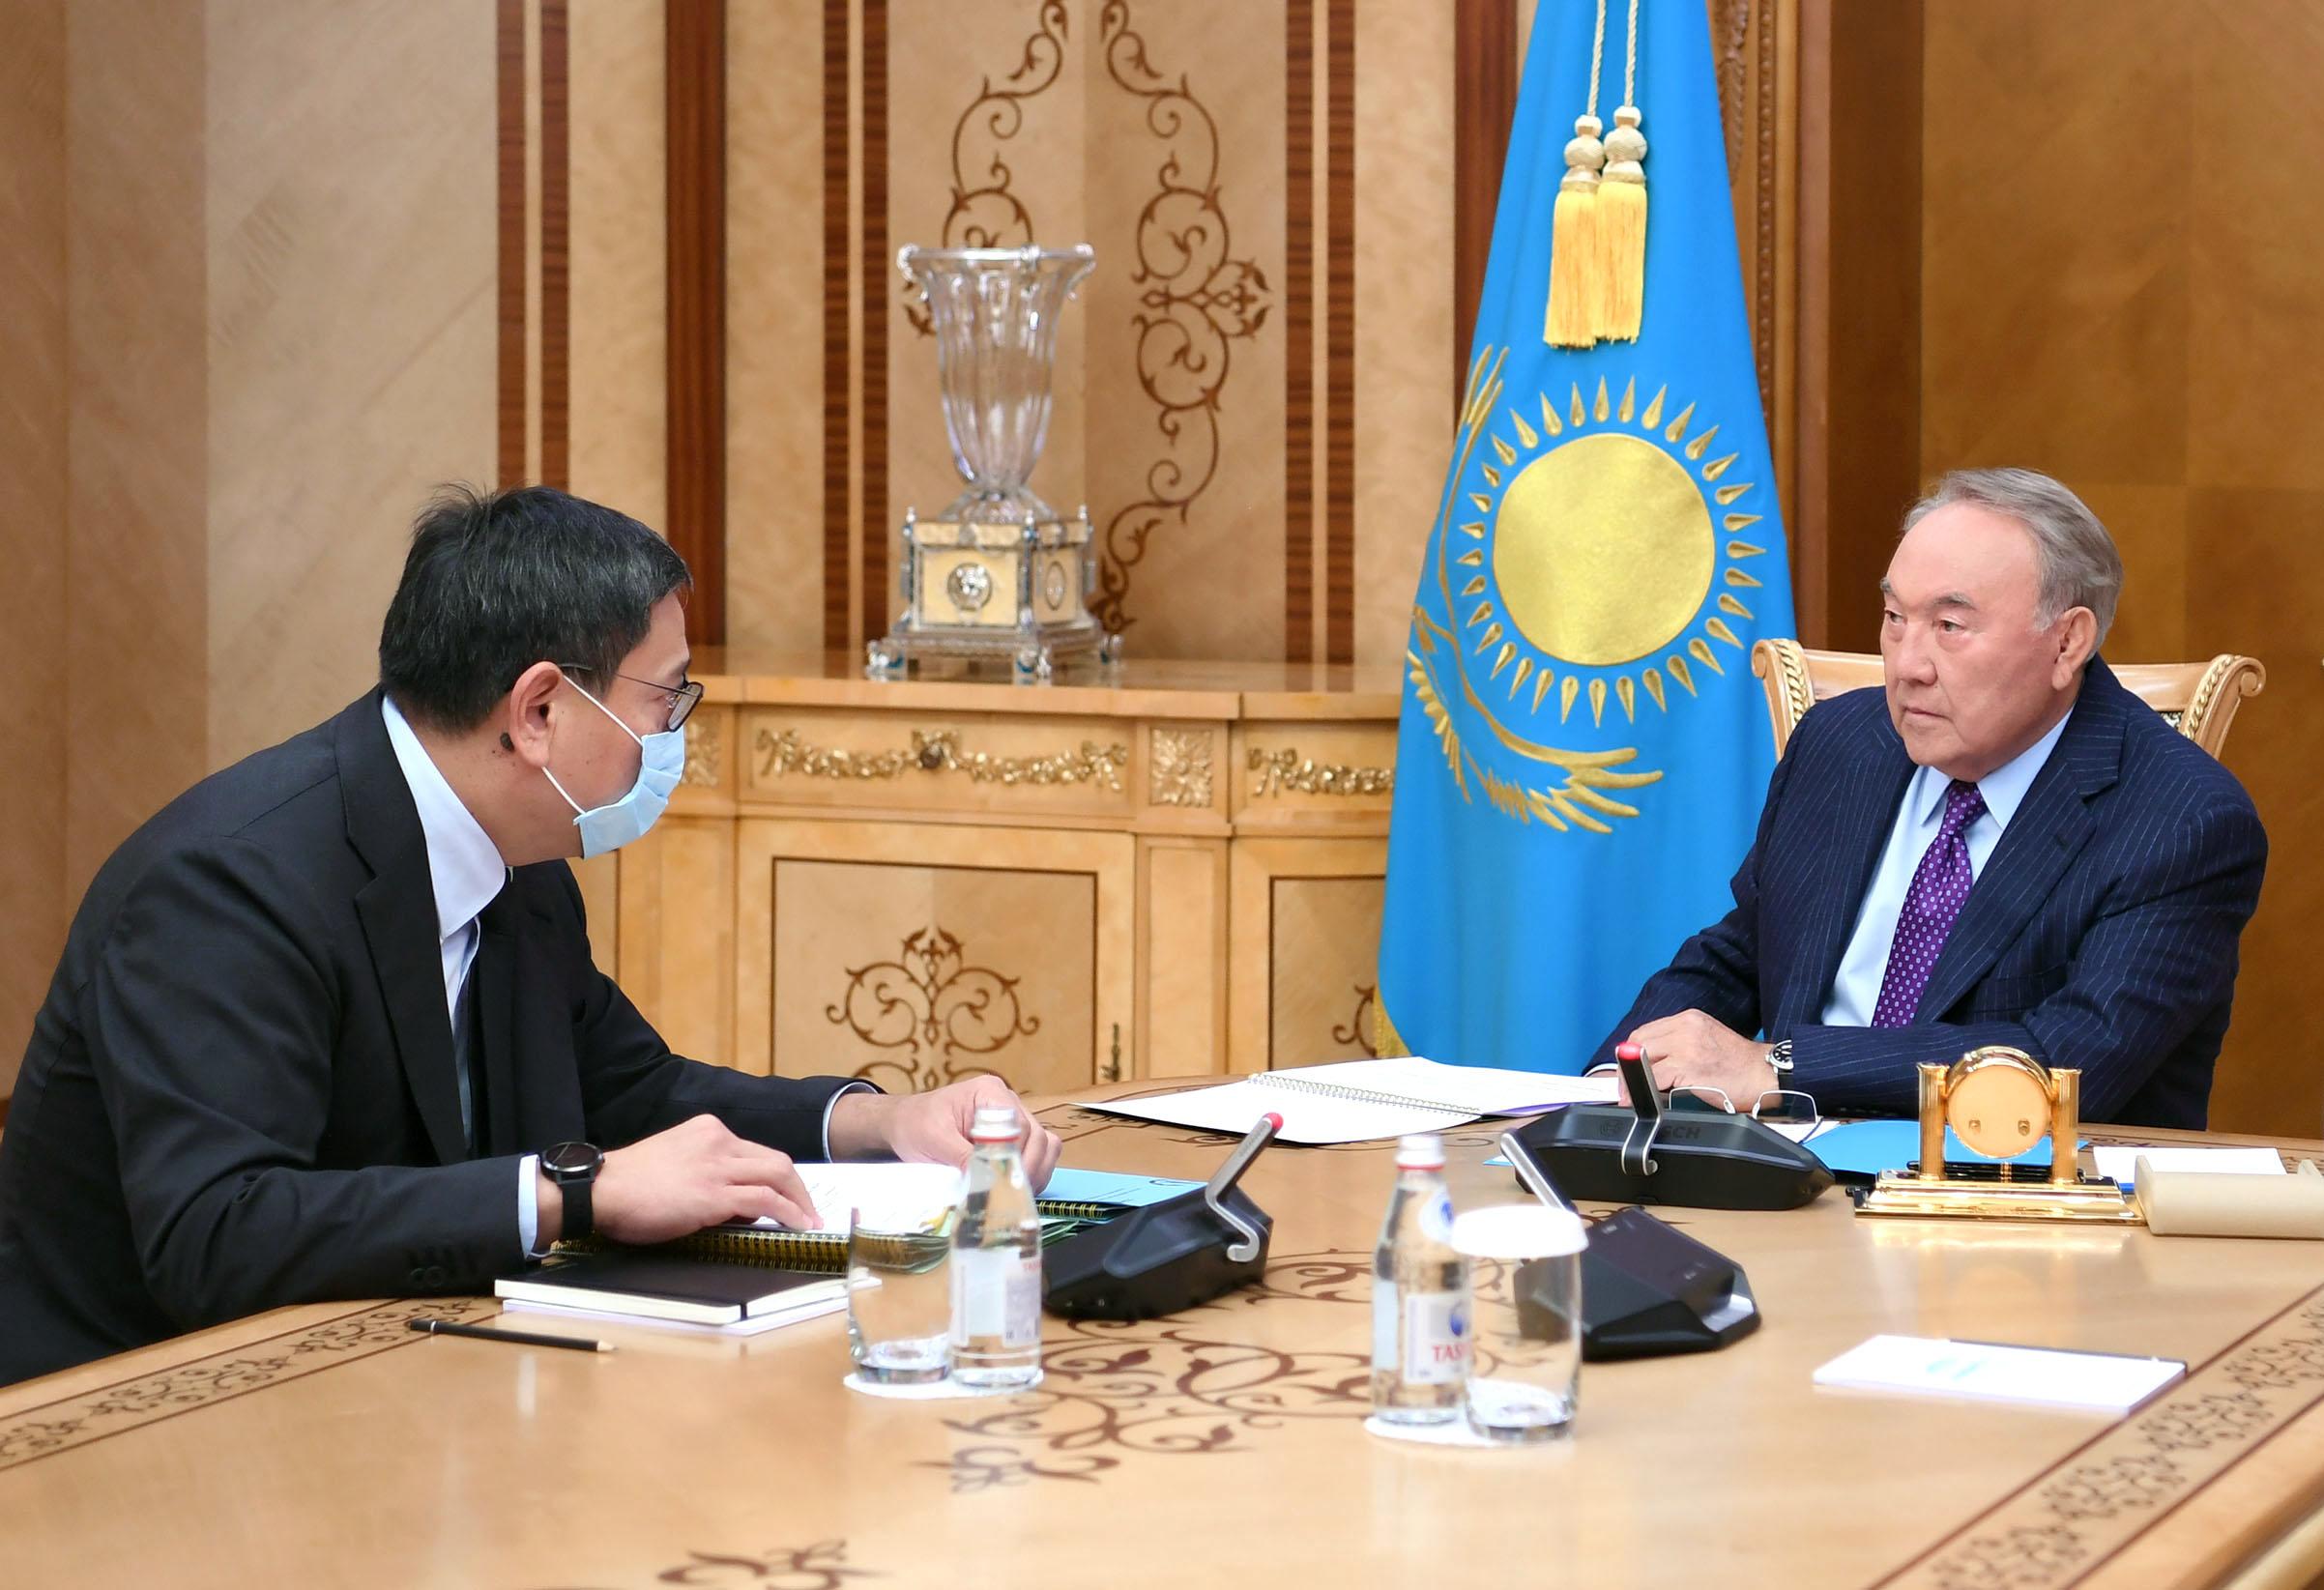 Нурсултан Назарбаев встретился с председателем Национального банка Ерболатом Досаевым